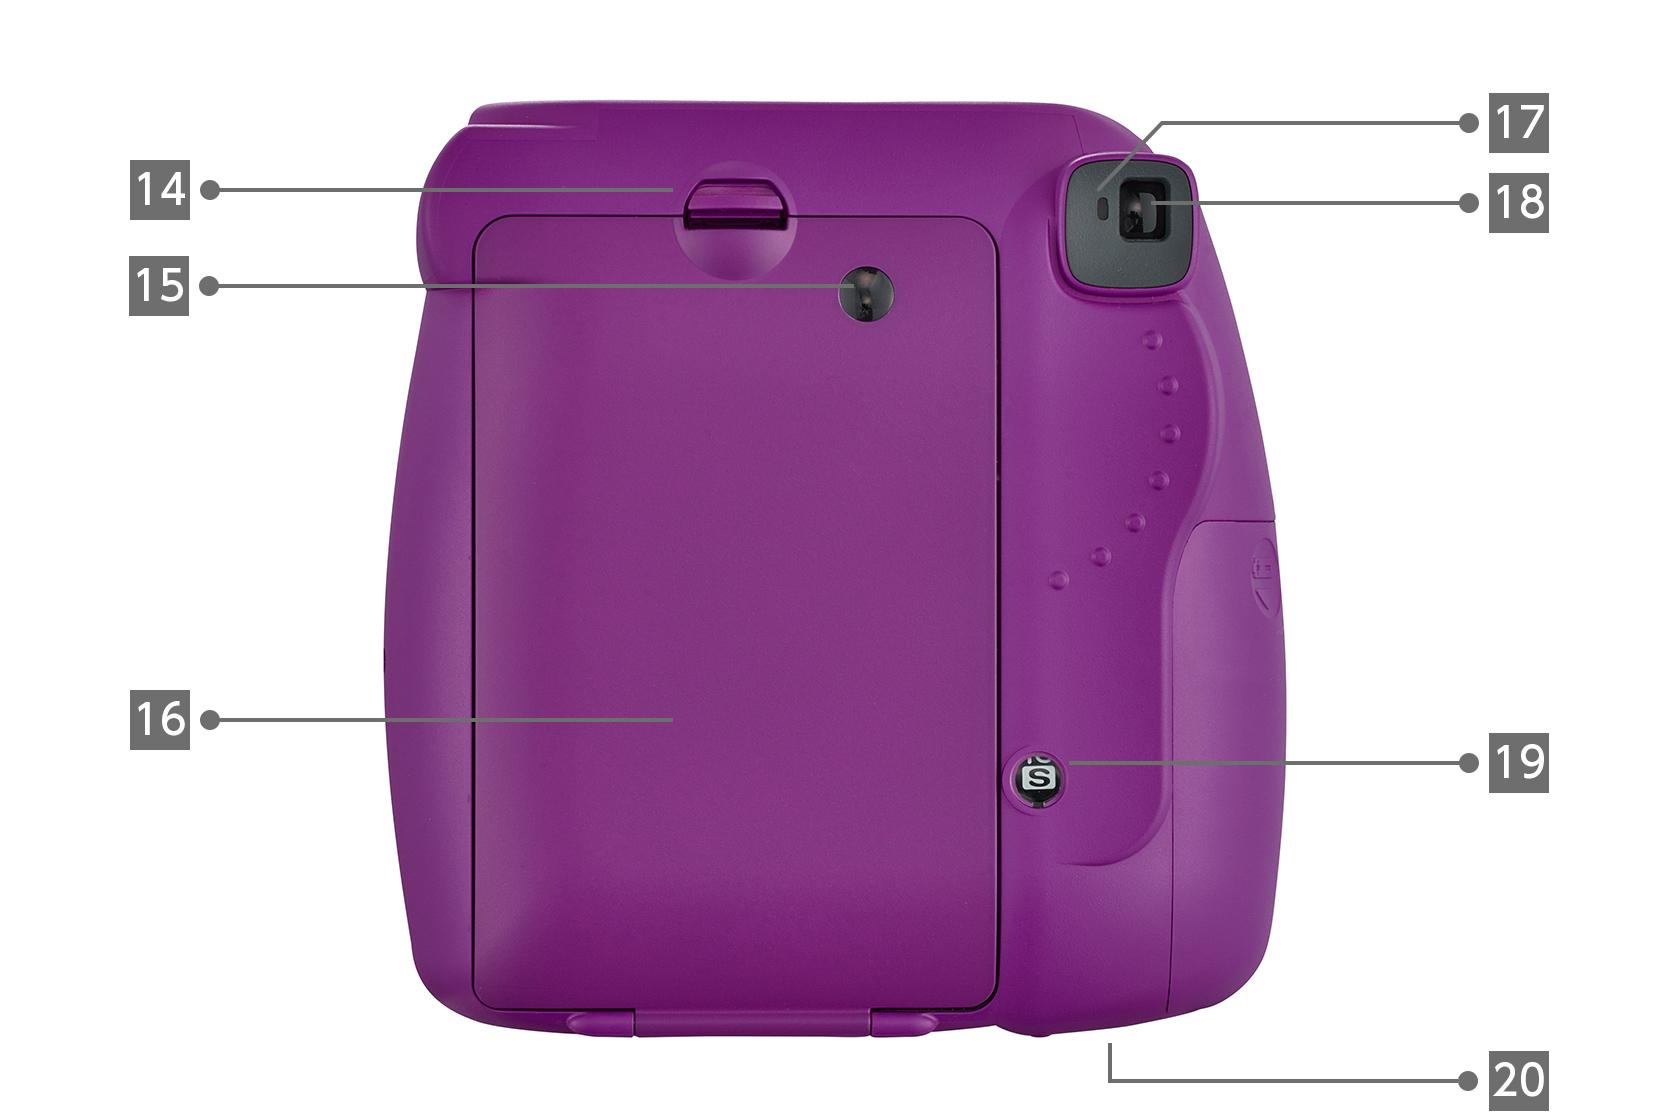 [사진] 14~20으로 표시된 다양한 구성품이 있는 핑크 인스탁스 미니 9 한정판 필름 카메라의 후면도